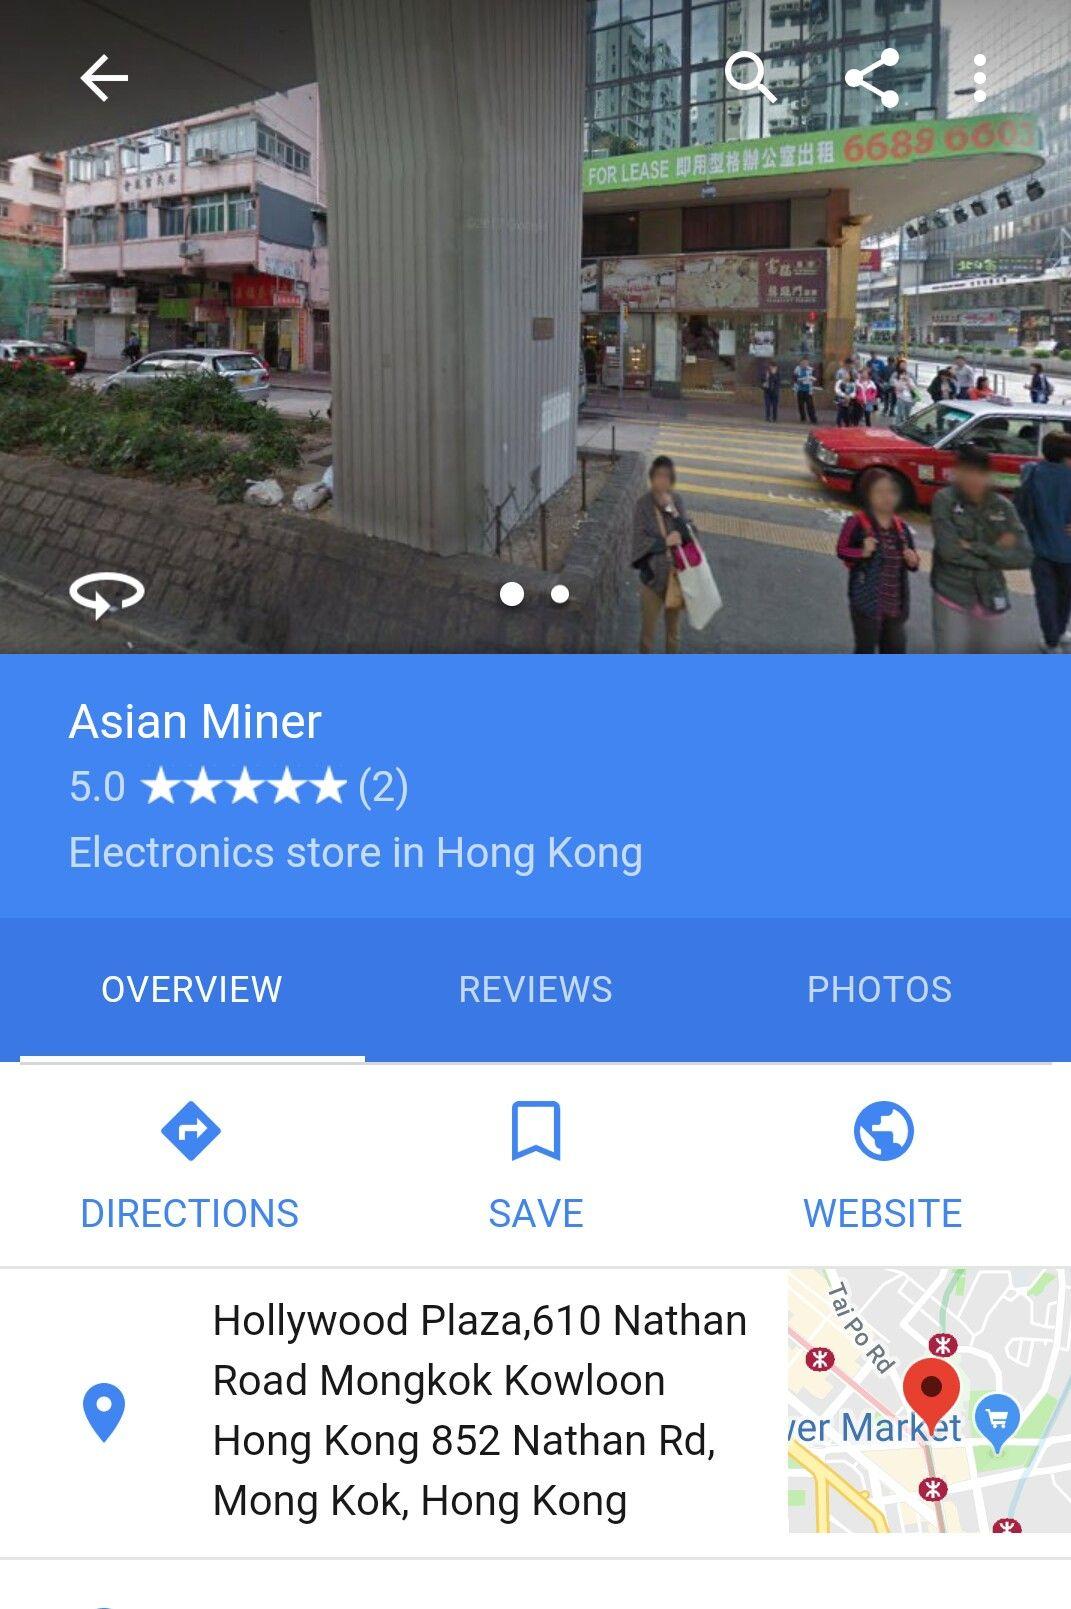 Contact Us Kowloon hong kong, Electronics store, Kowloon